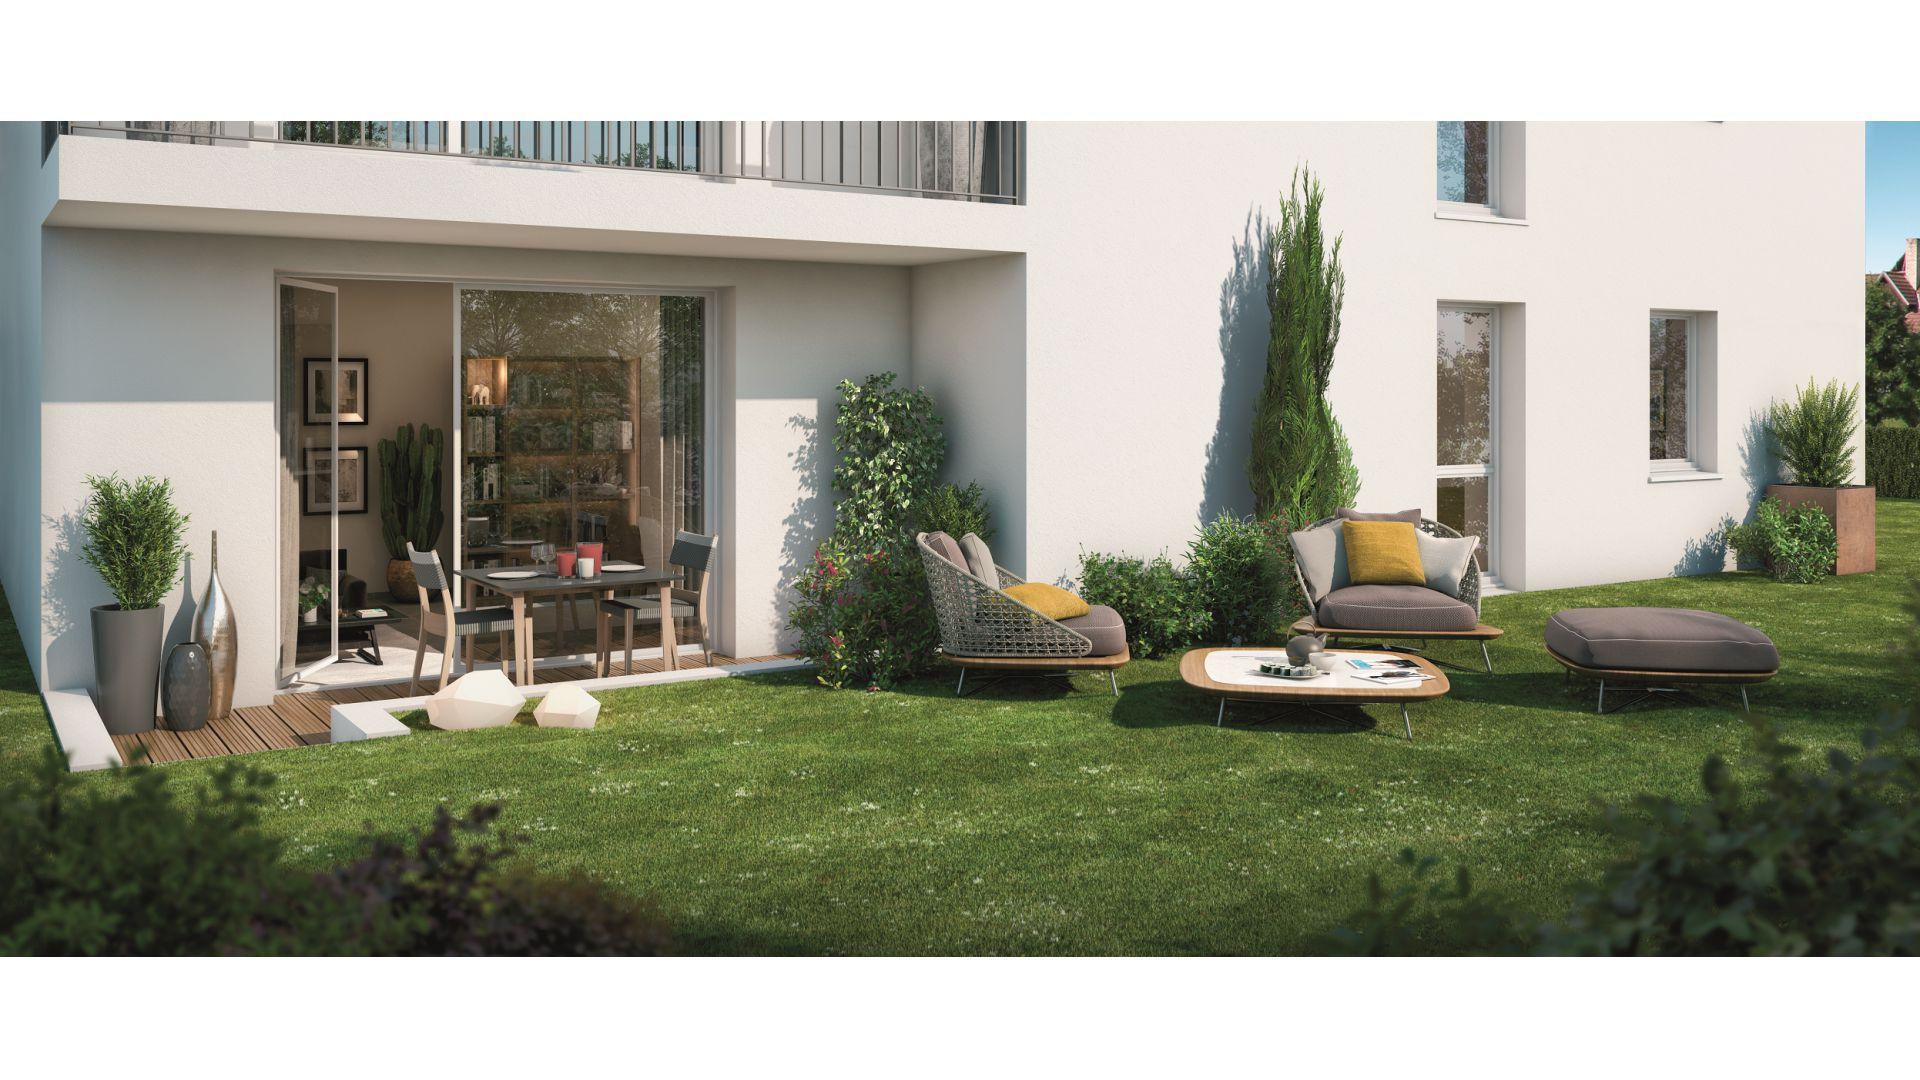 GreenCity immobilier - Villemomble 93250 - Villa Offenbach - Appartements neufs du T1 bis au T4 - vue terrasse